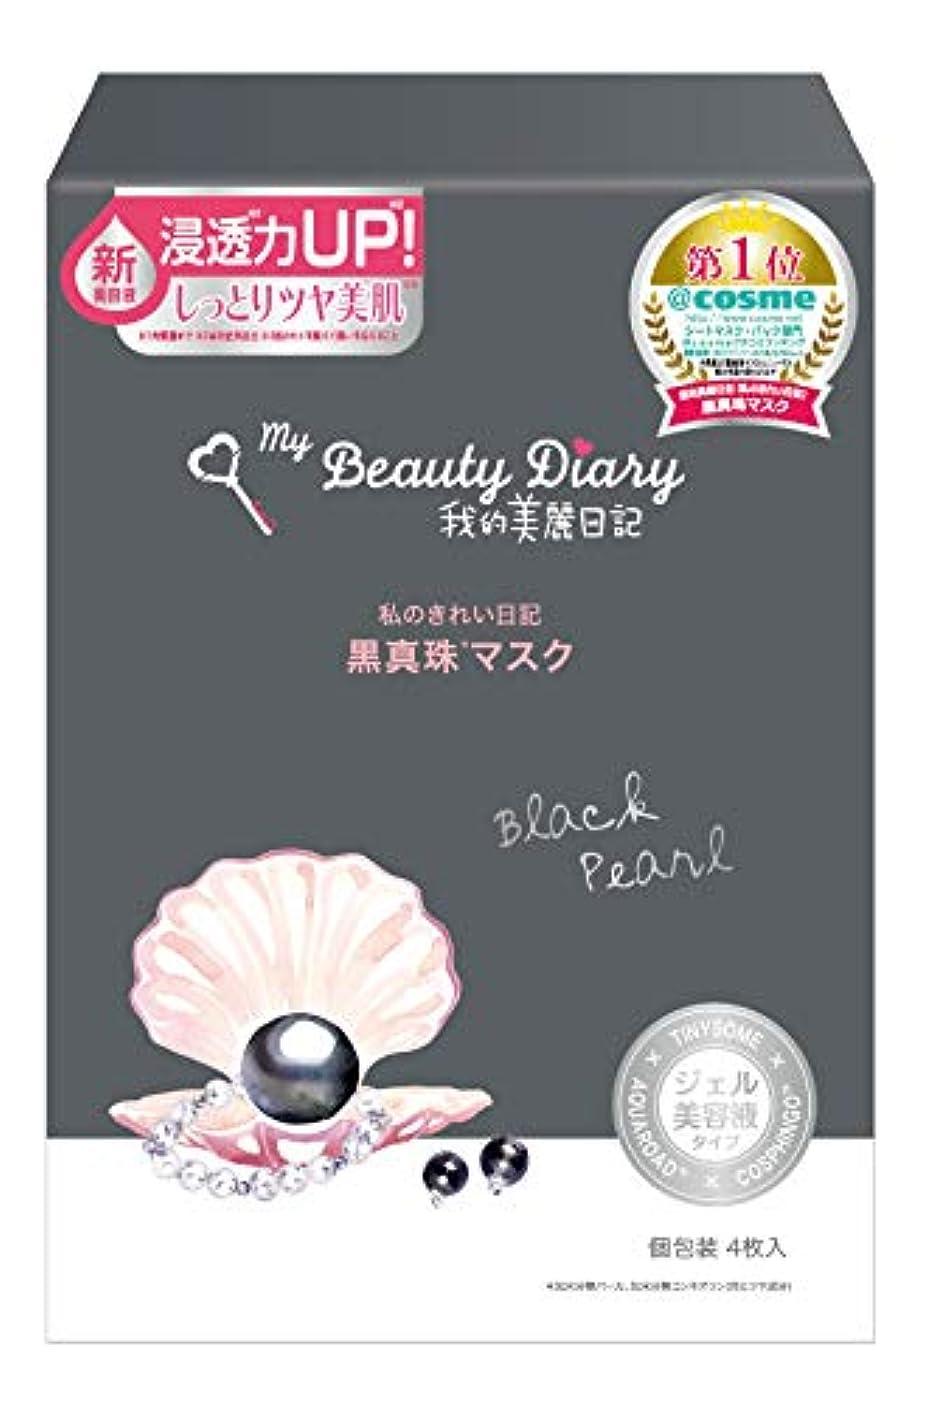 スタウトサロン電気の我的美麗日記 黒真珠マスク(4枚)